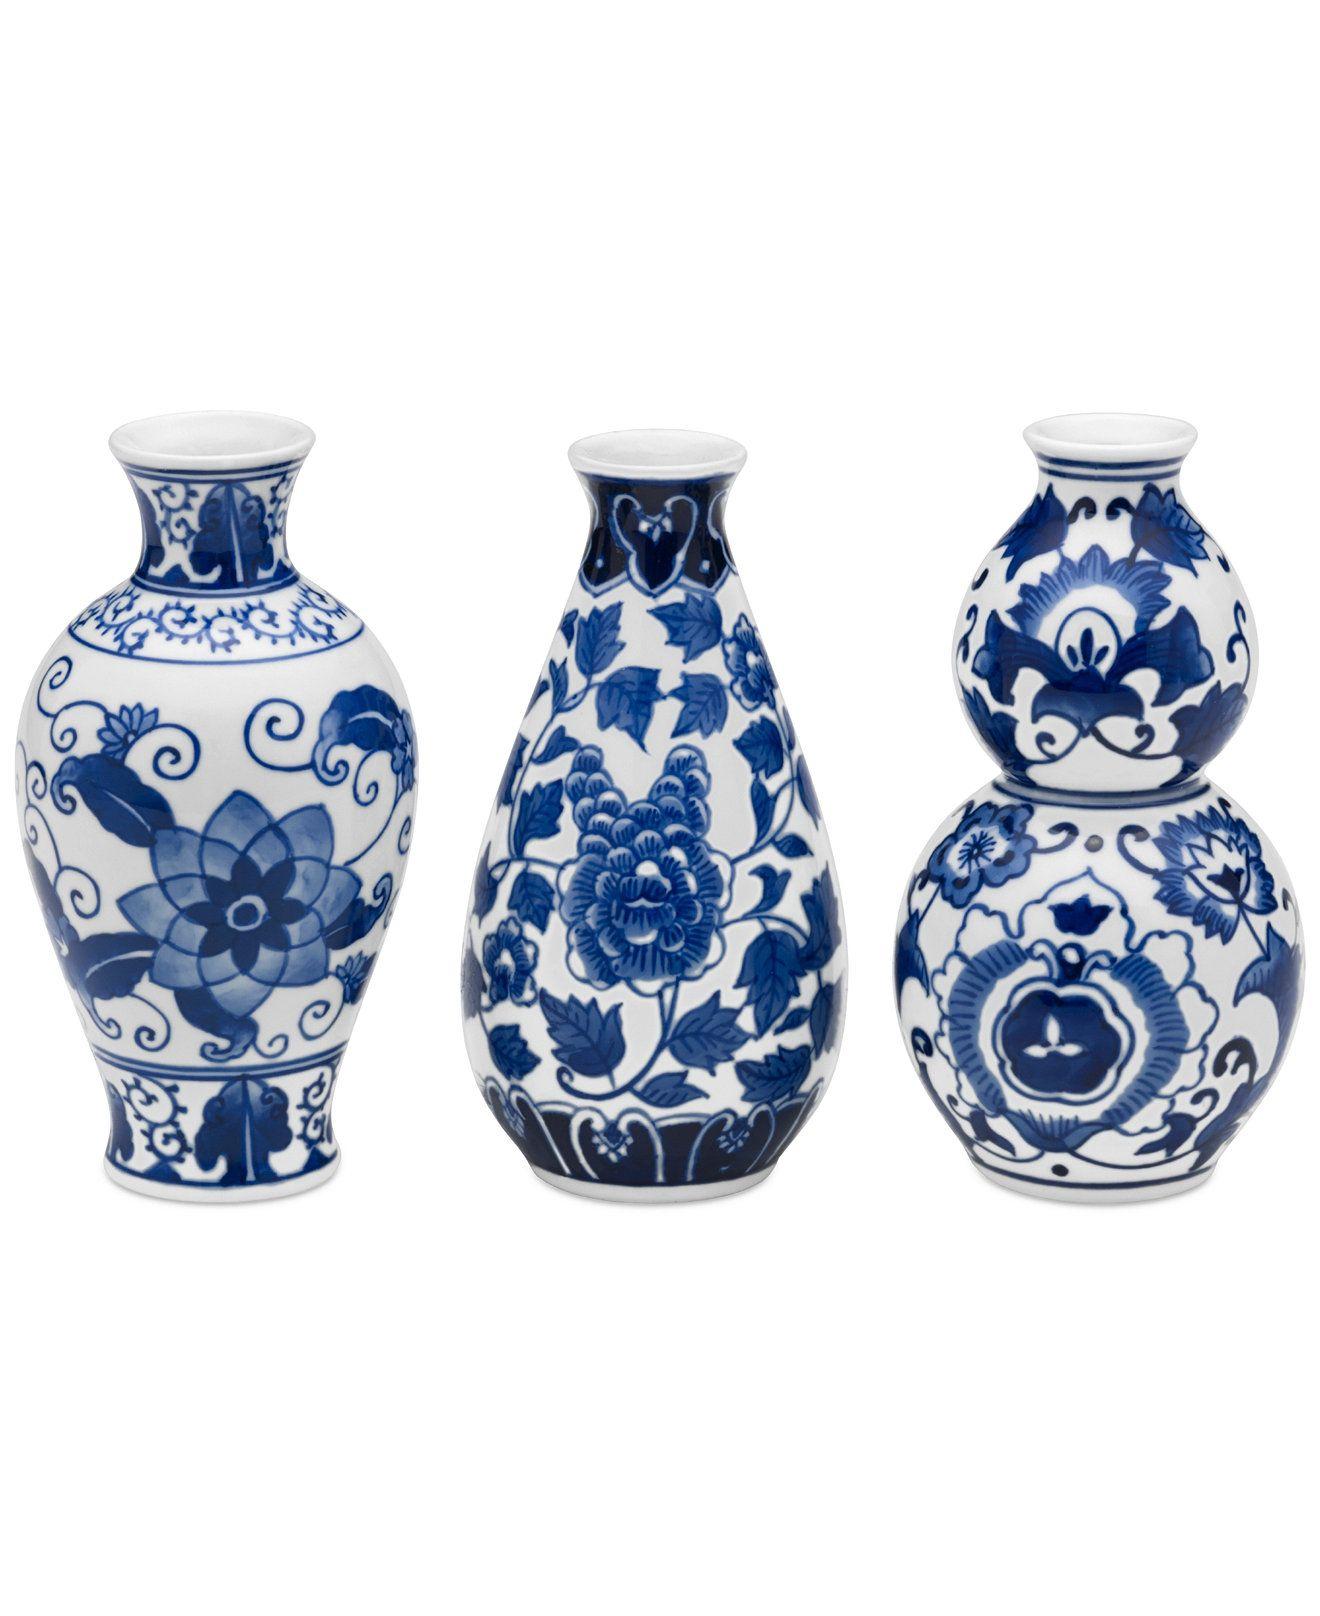 Bombay Set Of 3 Blue And White Ceramic Vases Bowls Vases For The Home Macy S White Ceramic Vases Blue And White Vase Ceramic Vases Blue and white vases cheap